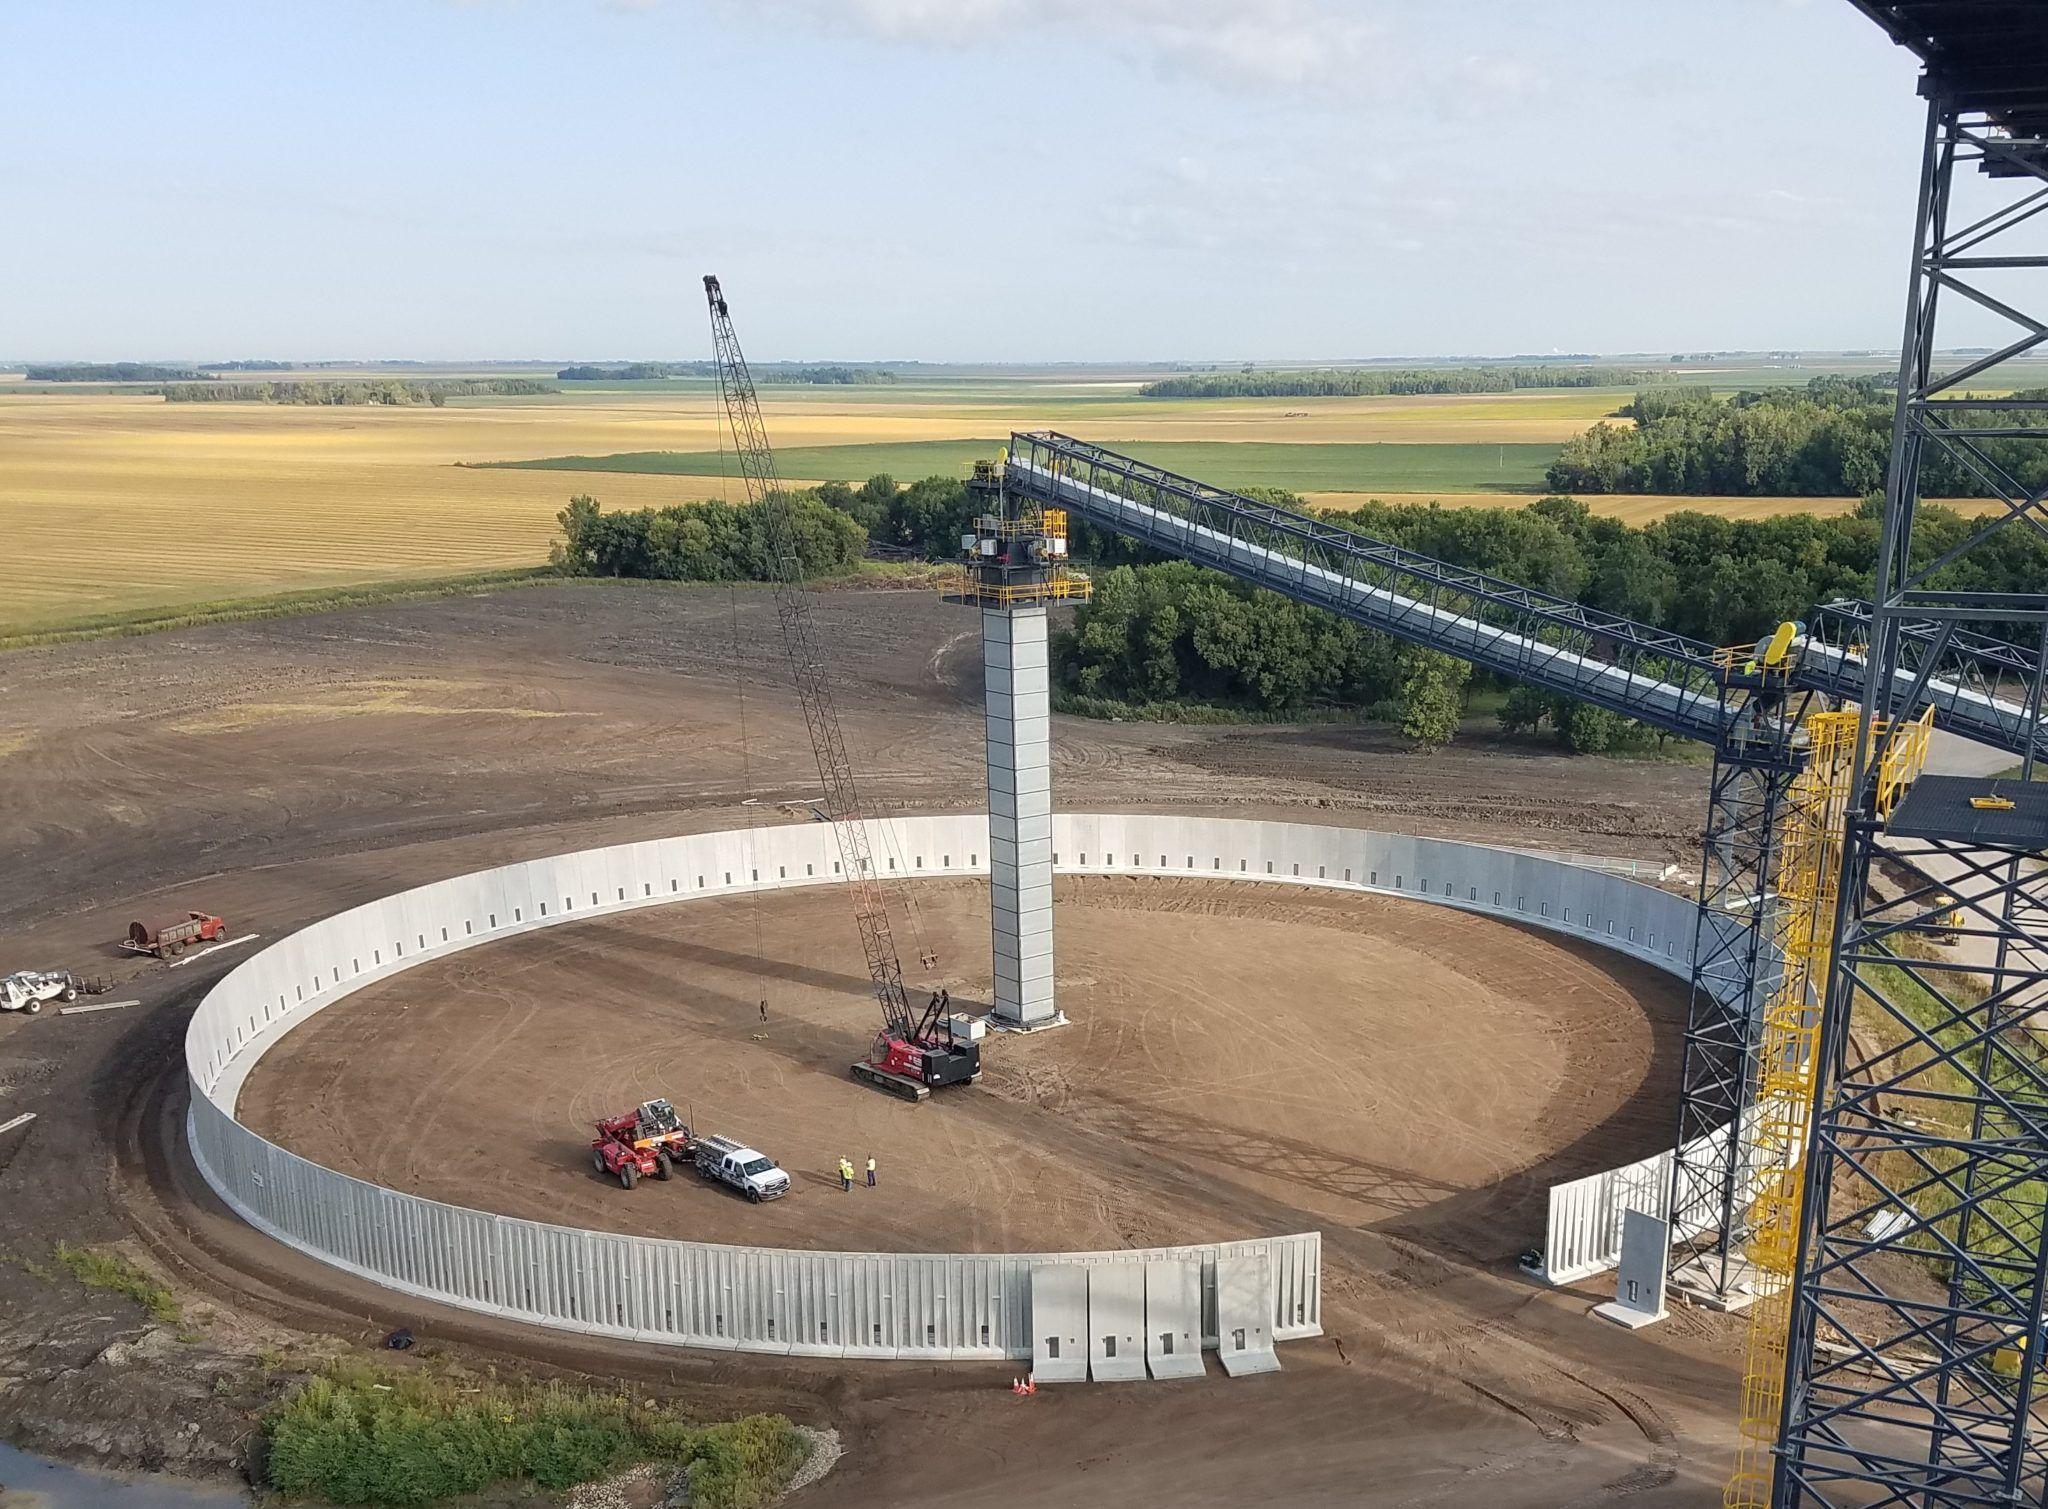 Pin On Temporary Grain Storage